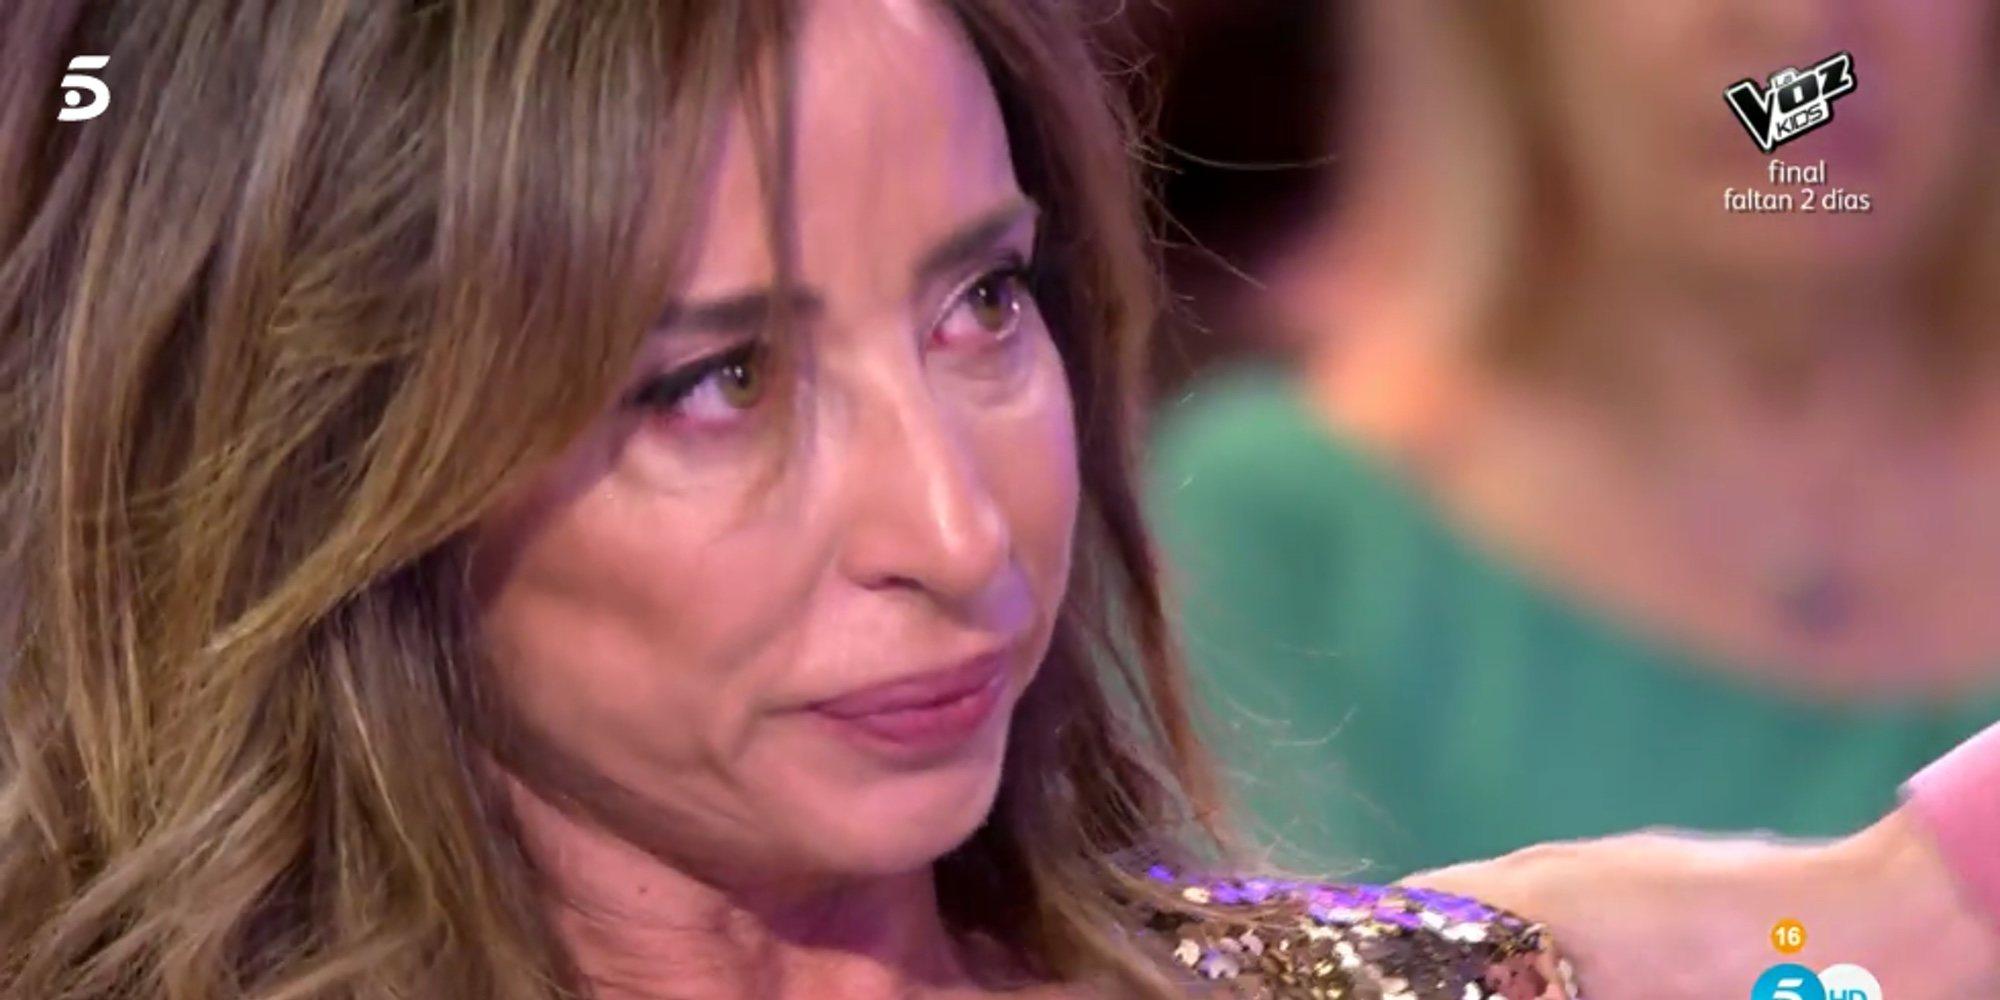 María Patiño abandona el plató de 'Sálvame Deluxe' entre lágrimas tras una discusión con Gustavo González